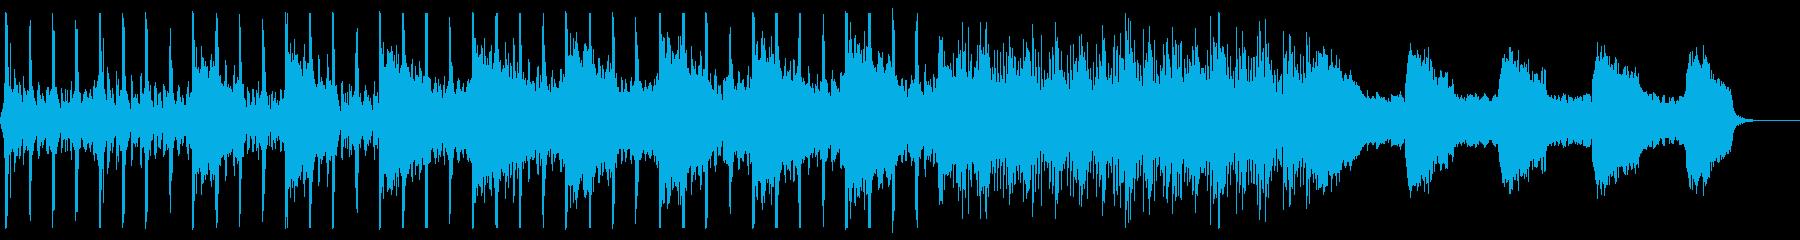 パーカッション主導のシンプルでダークな曲の再生済みの波形